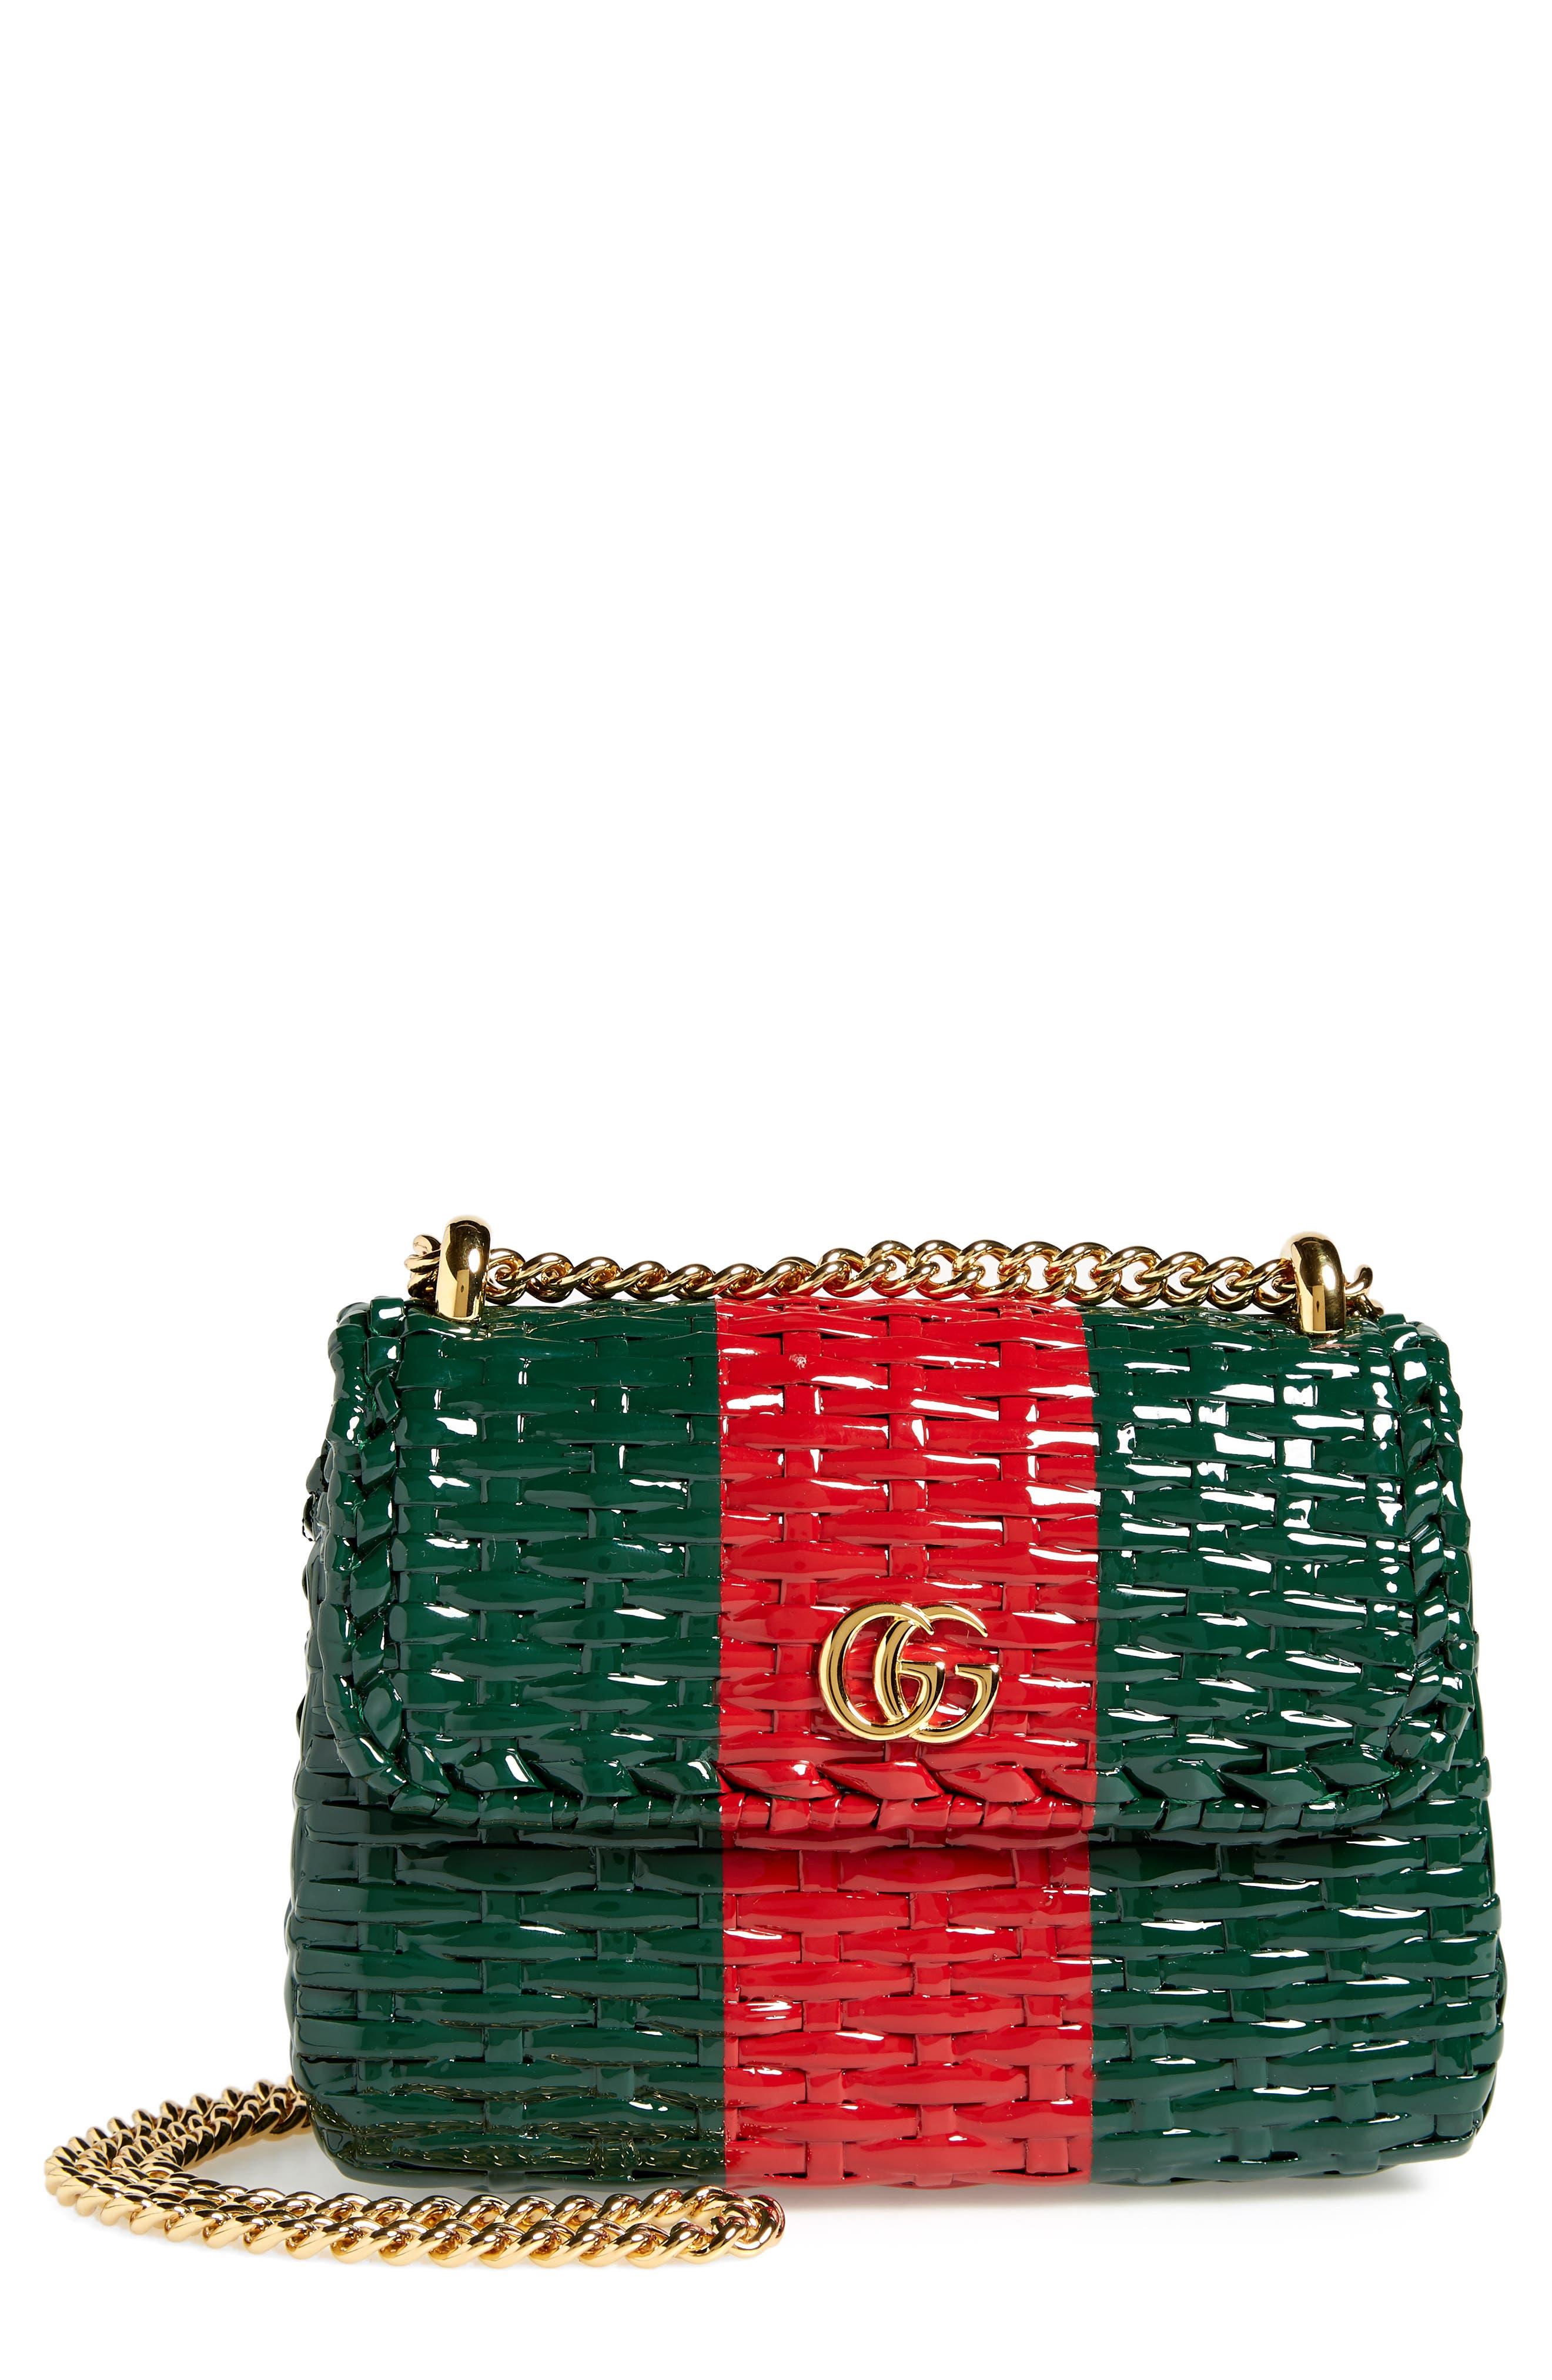 Small Linea Cestino Glazed Wicker Shoulder Bag,                         Main,                         color, VERDE ROSSO VERDE